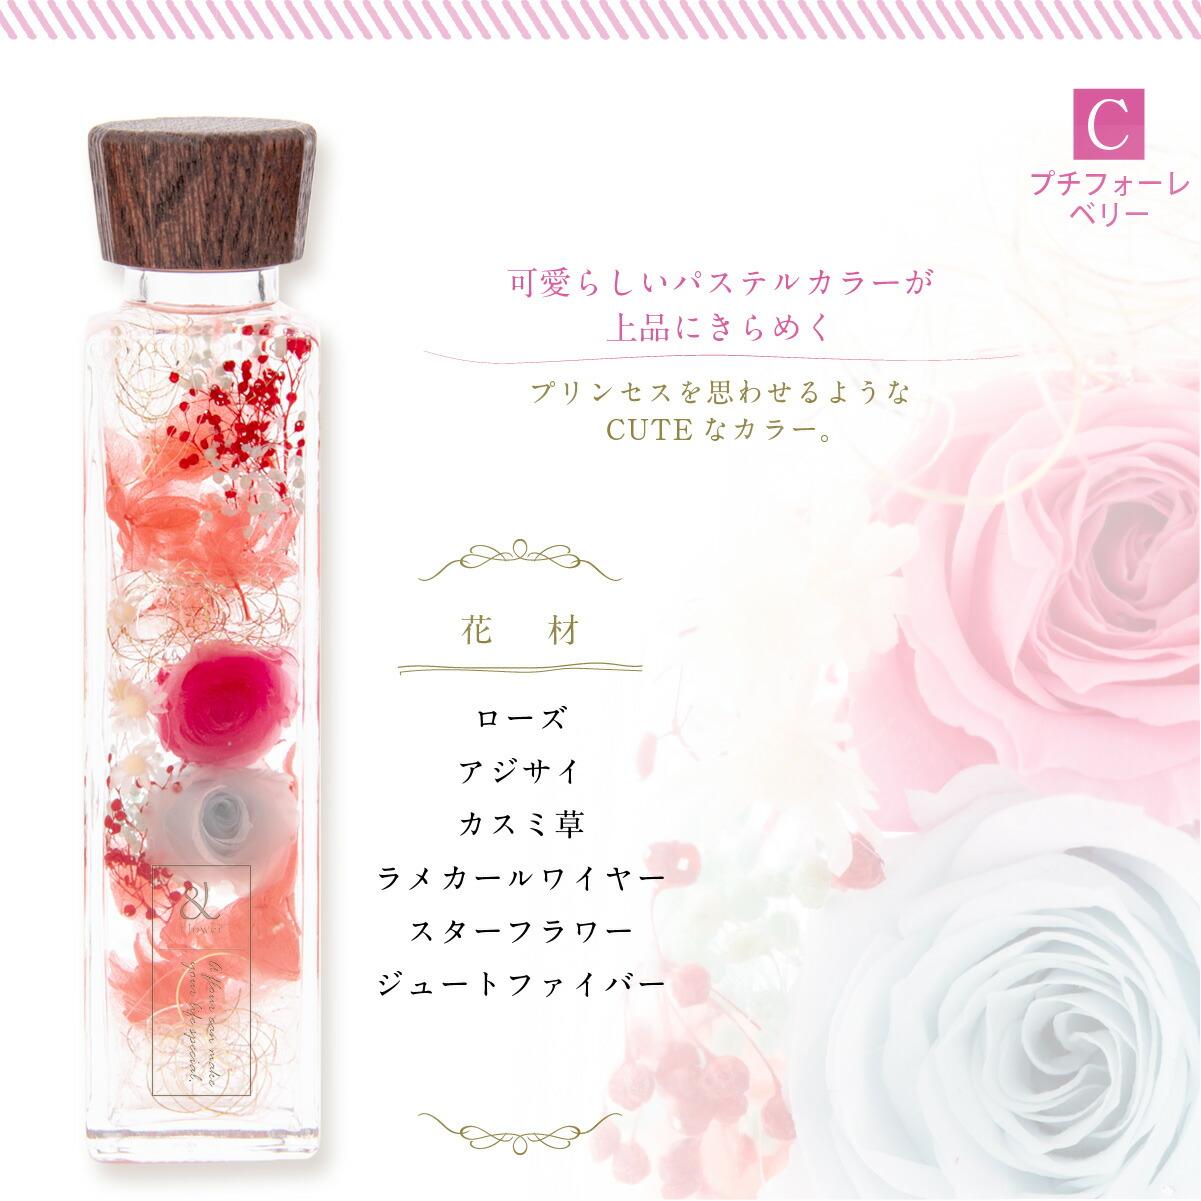 可愛らしいパステルカラーが上品にきらめく。プリンセスを思わせるようなキュートなカラー。使用花材はローズ(バラ)・あじさい・かすみ草・ラメカールワイヤー・スターフラワー・ジュートファイバー。